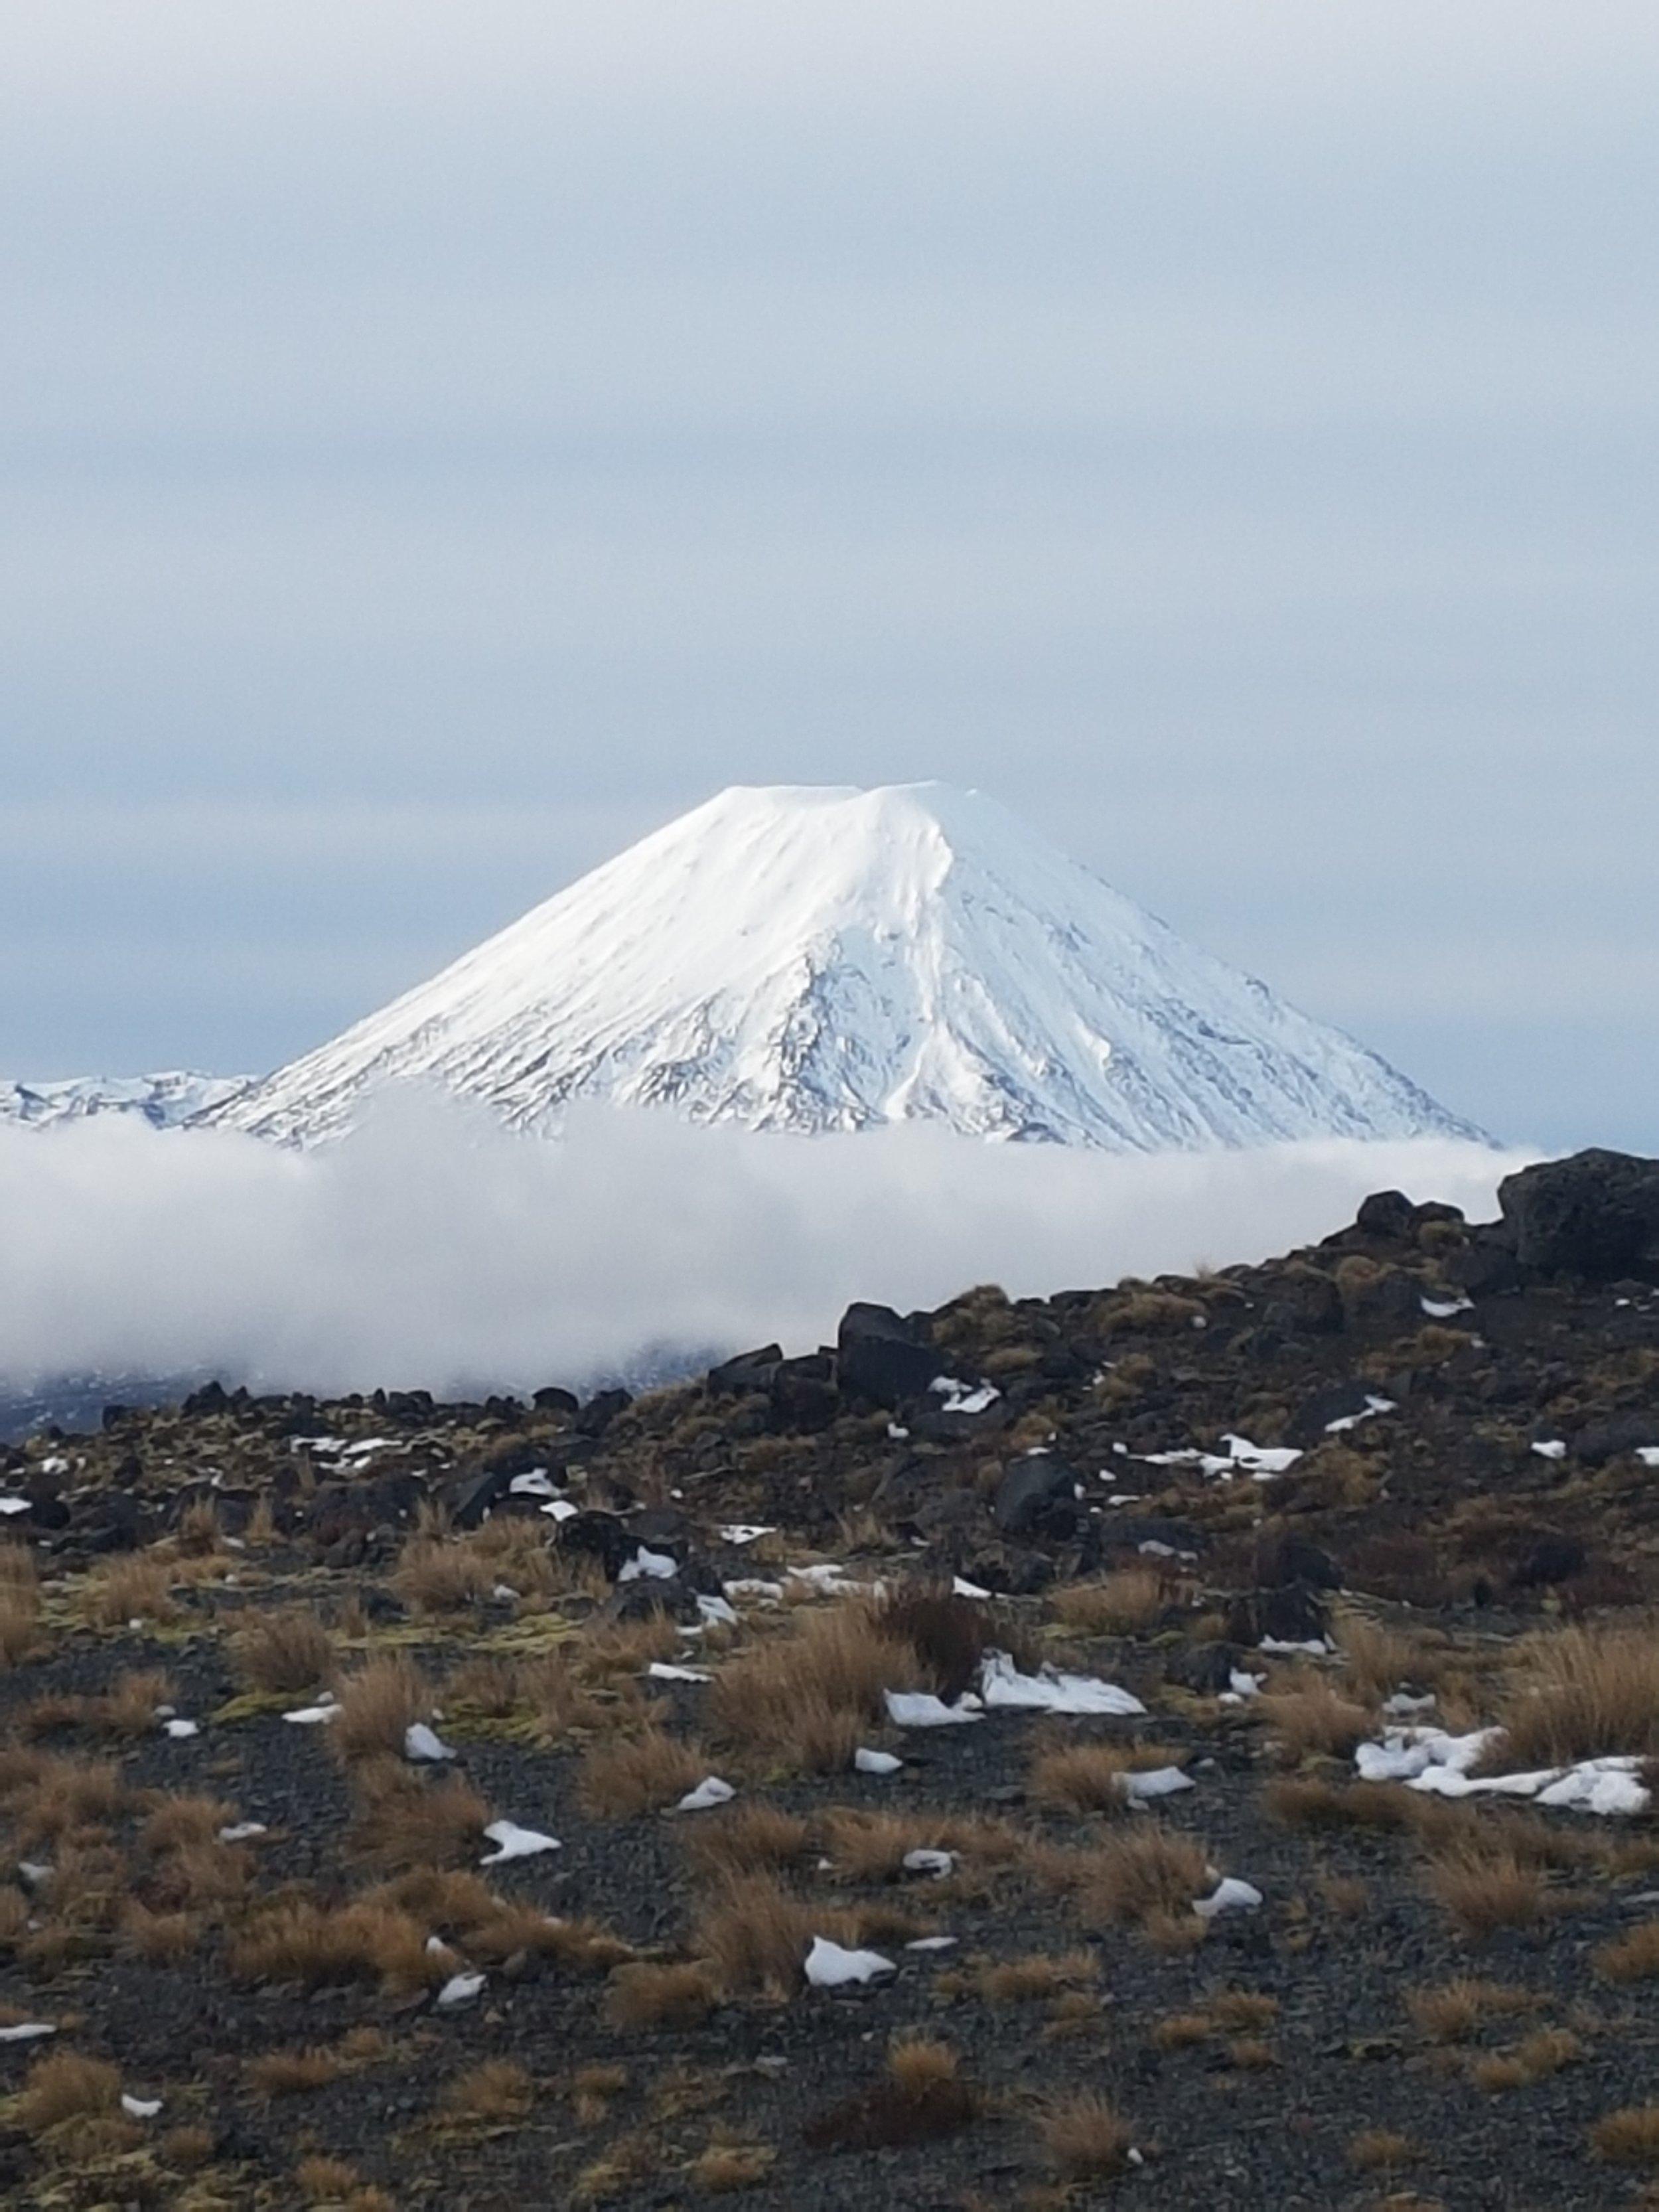 Ngauruhoe winter scene.jpg